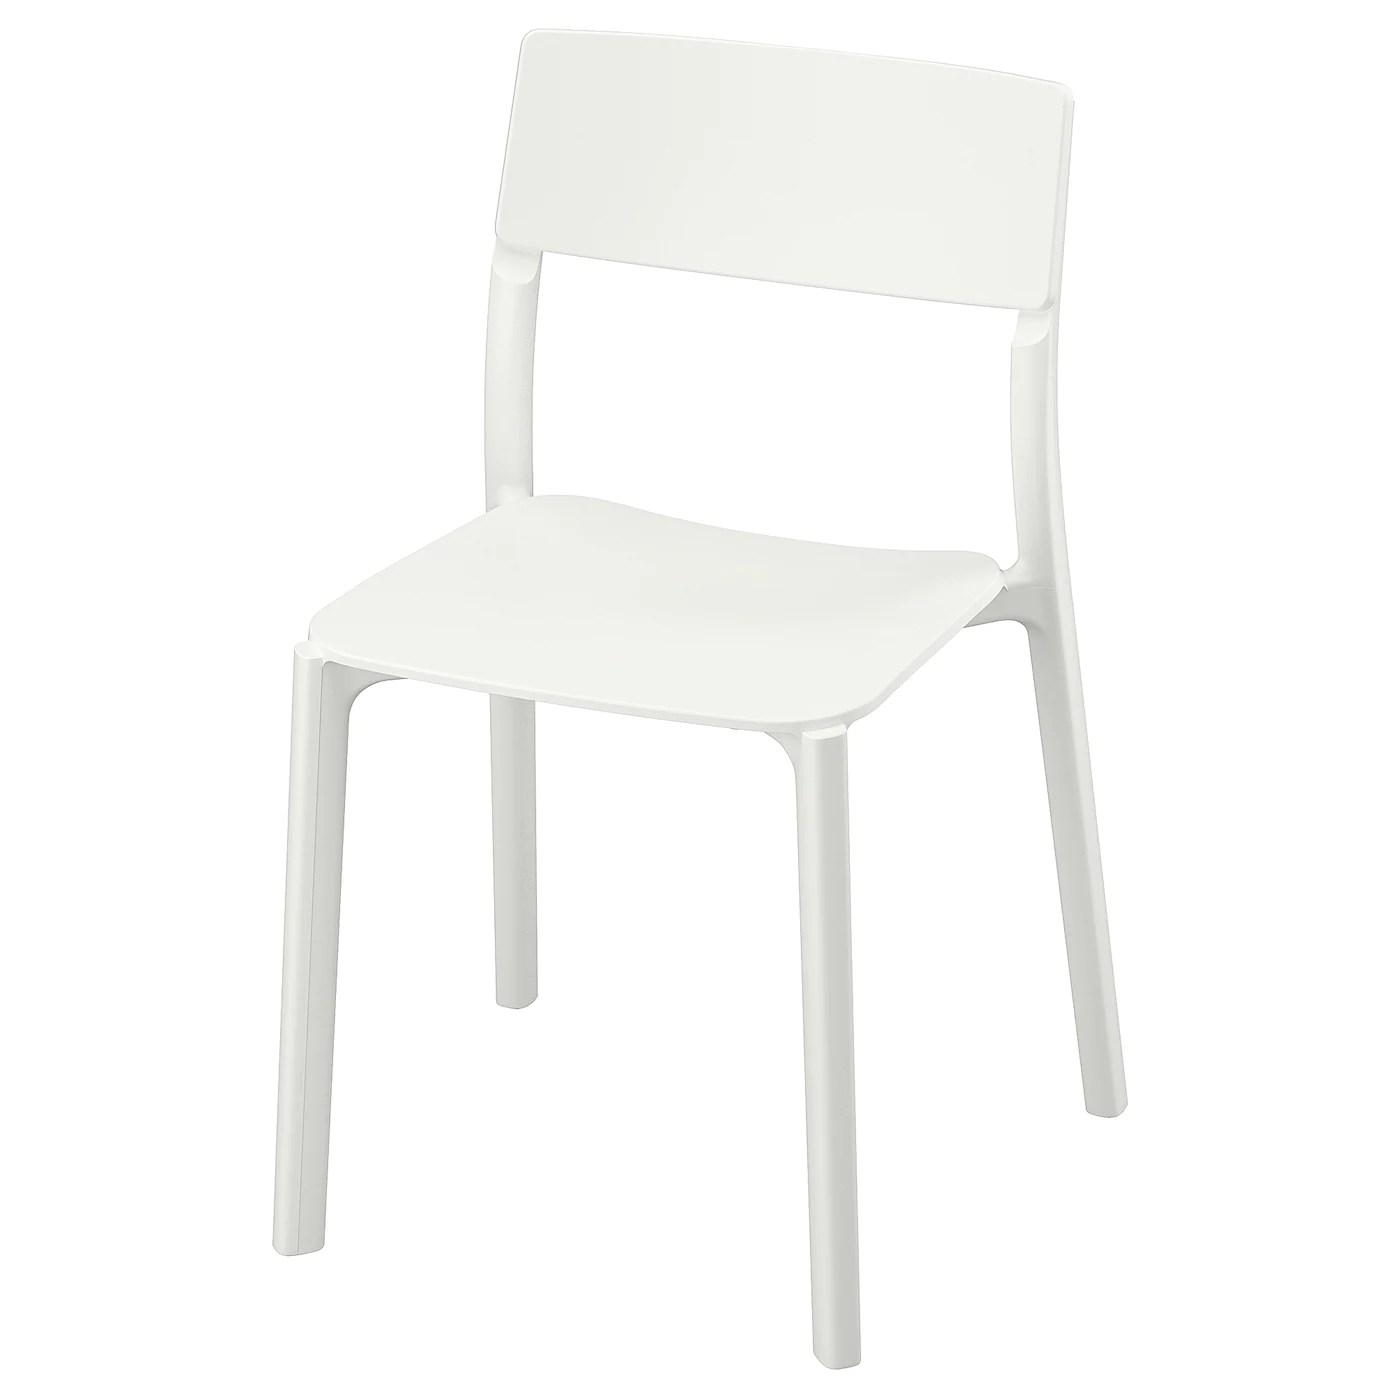 Nel vasto assortimento di sedie ikea troverai la soluzione perfetta per ogni stile e attività, dalle classiche sedie imbottite a quelle pieghevoli salvaspazio. Sedie Sala Da Pranzo Ikea It